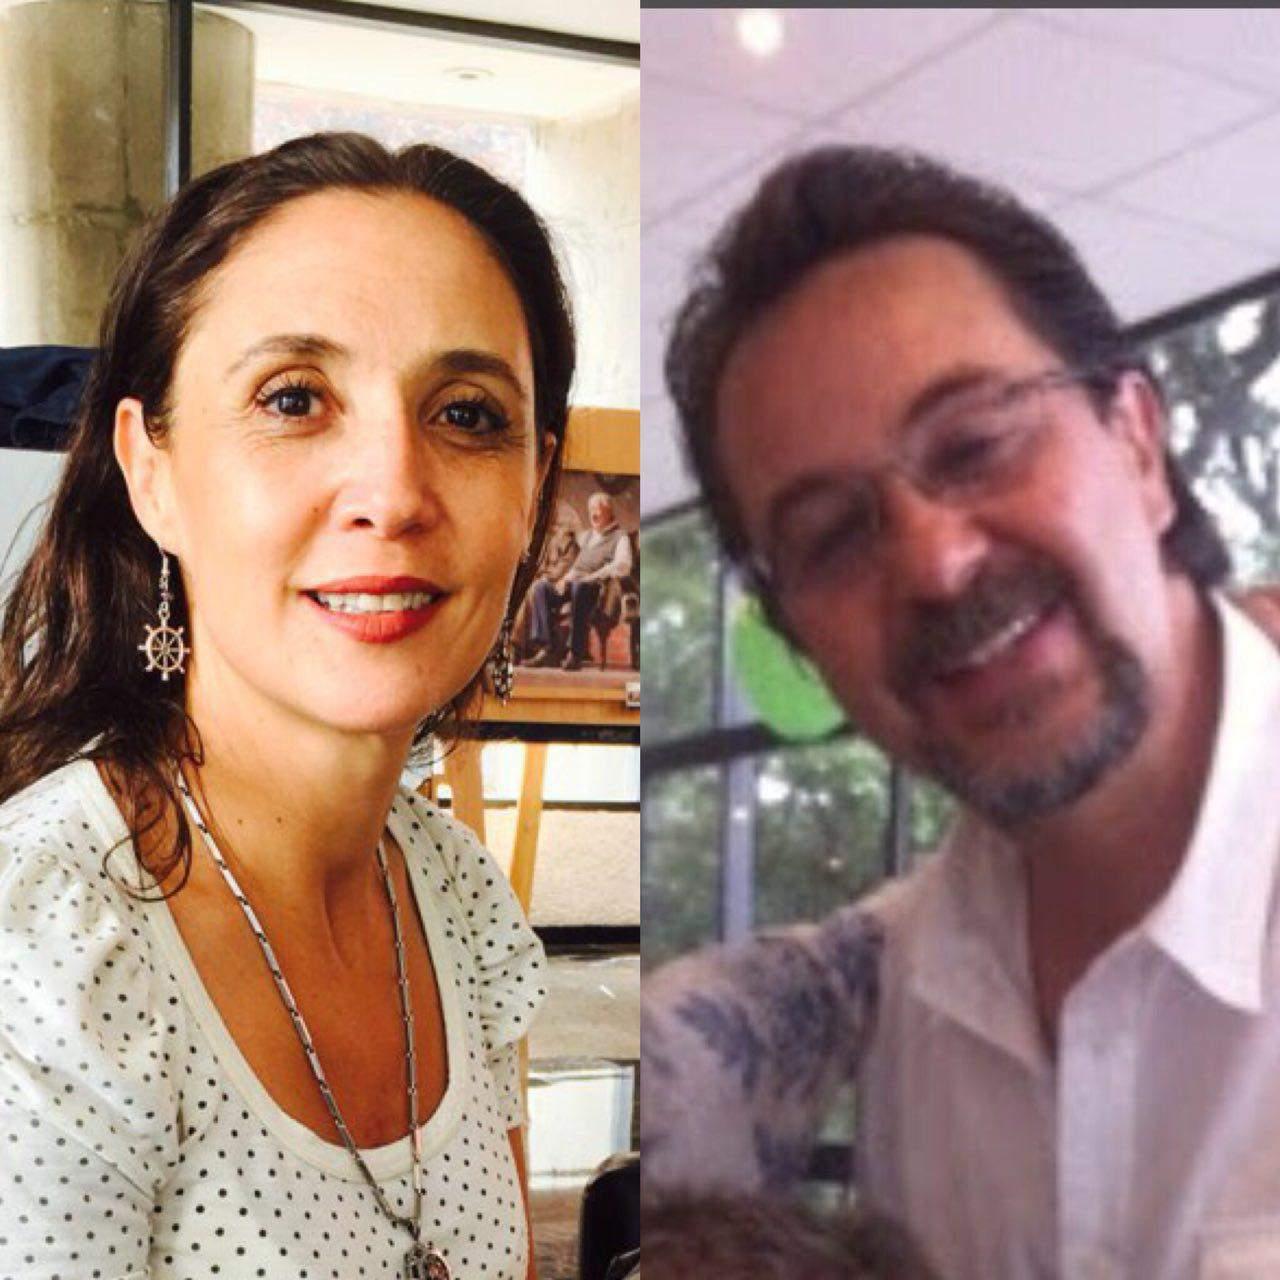 Muerte De Maru Y Claudio >> Fallecen Maru Dueñas y Claudio Reyes en accidente